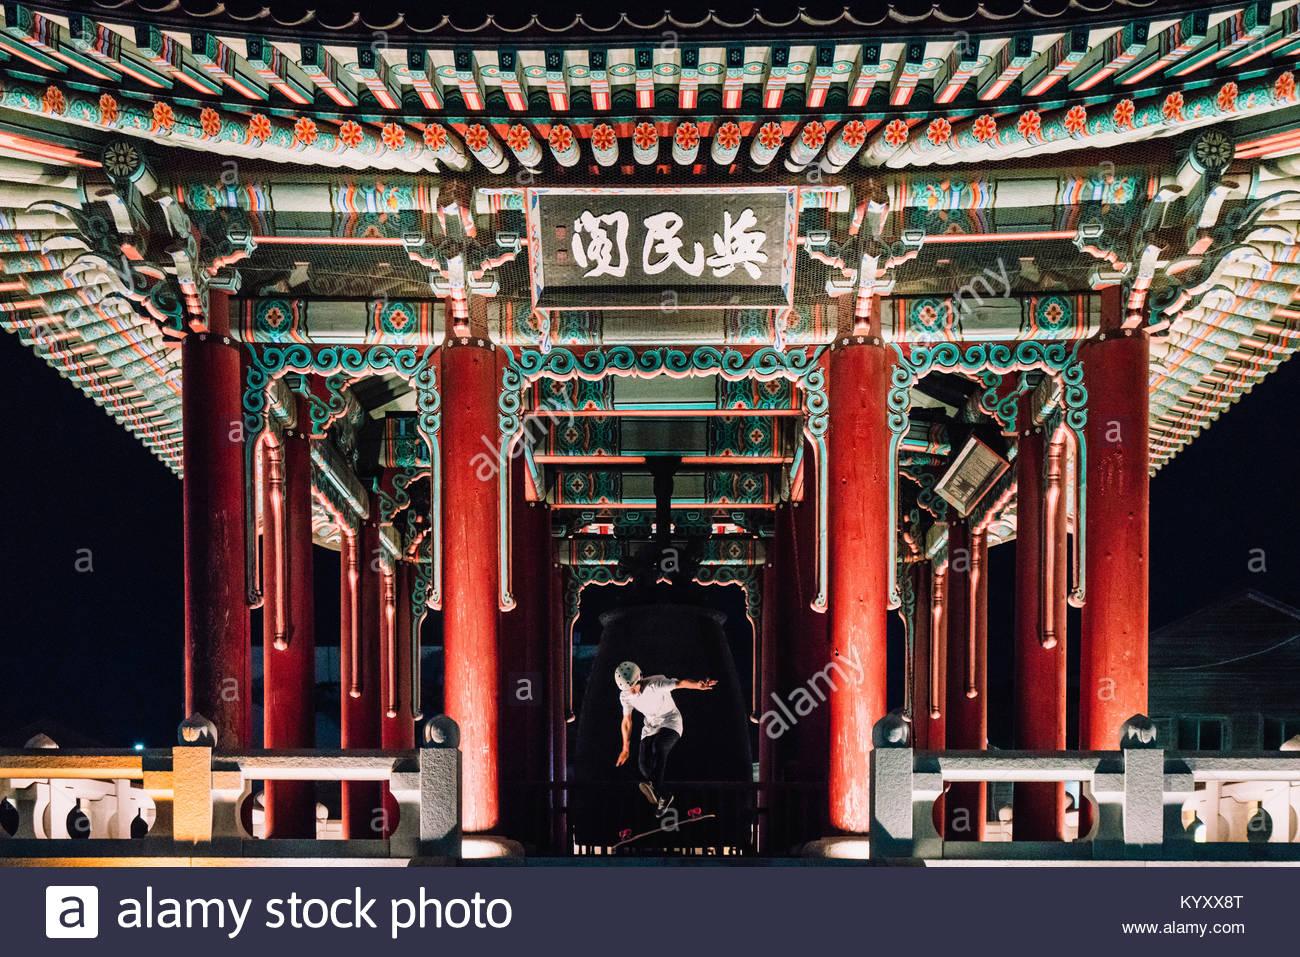 Mann auf Skateboard im Pavillon Hwaseong Festung springen Stockbild